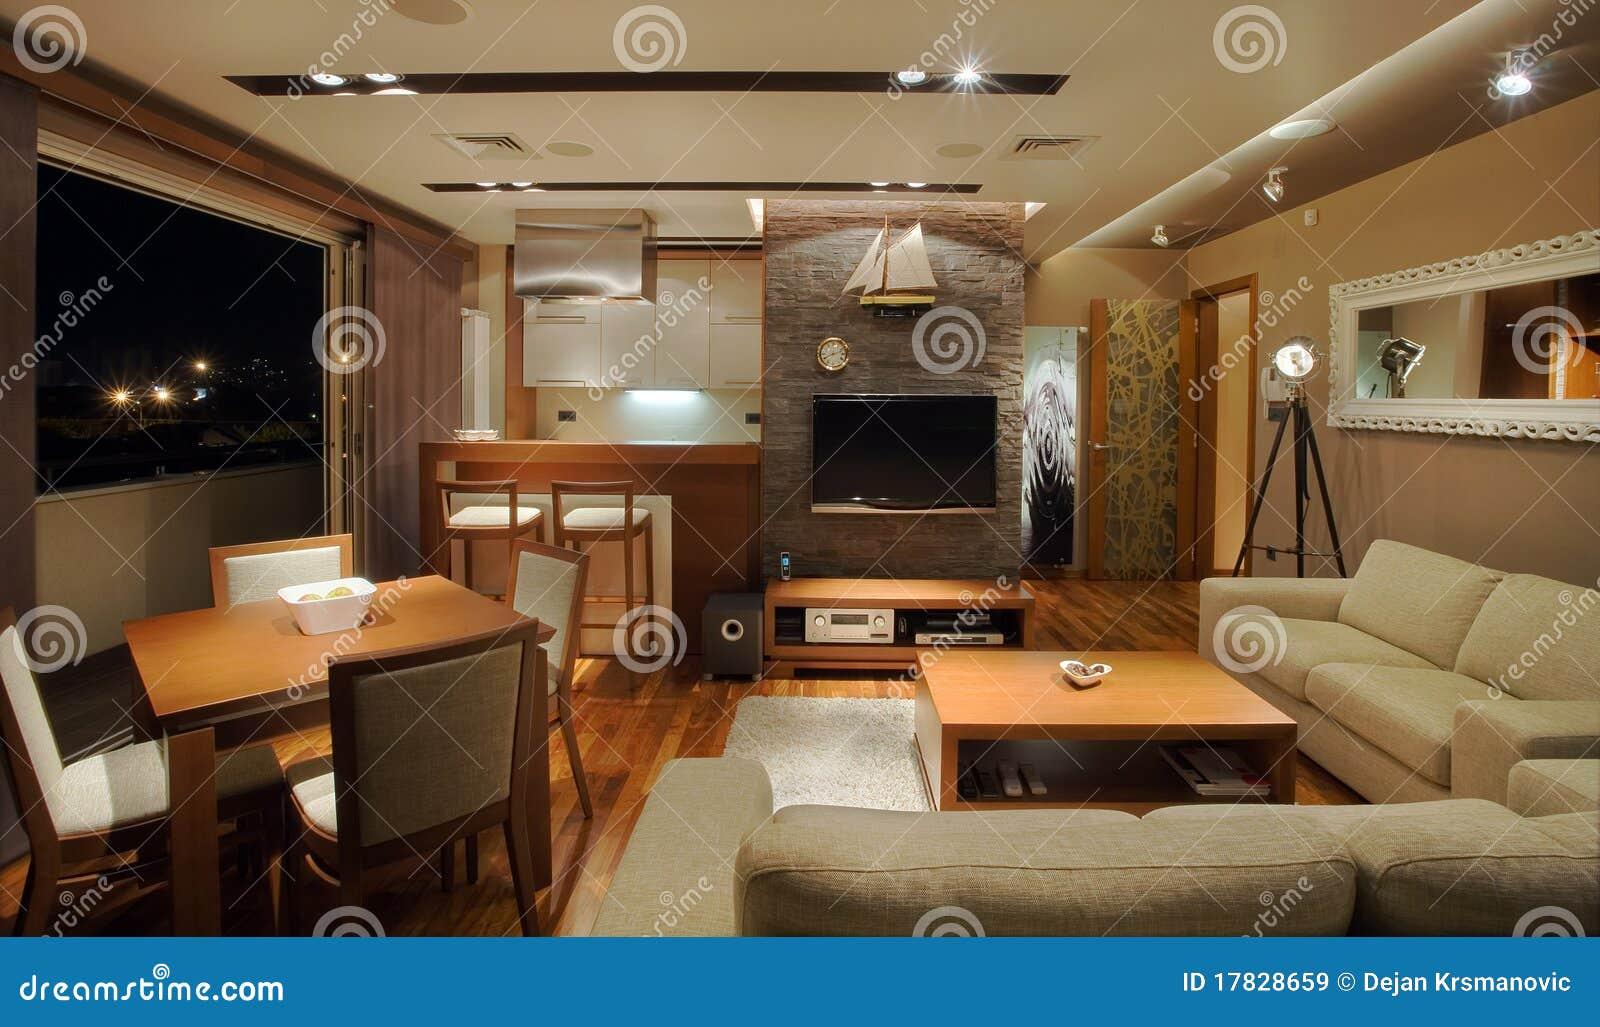 Int Rieur D 39 Appartement Images Libres De Droits Image